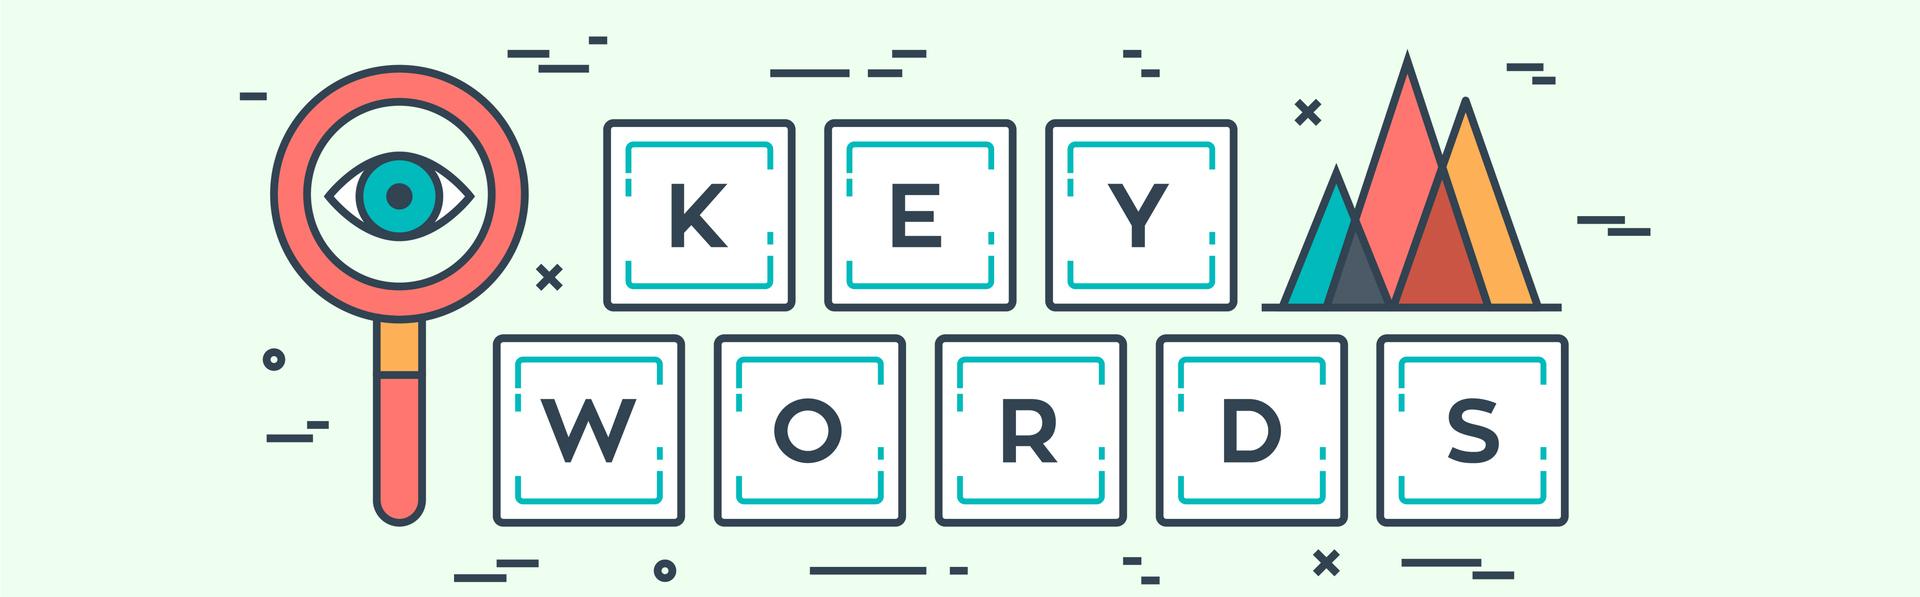 Подобрать ключевые слова для сайта автоматически онлайн